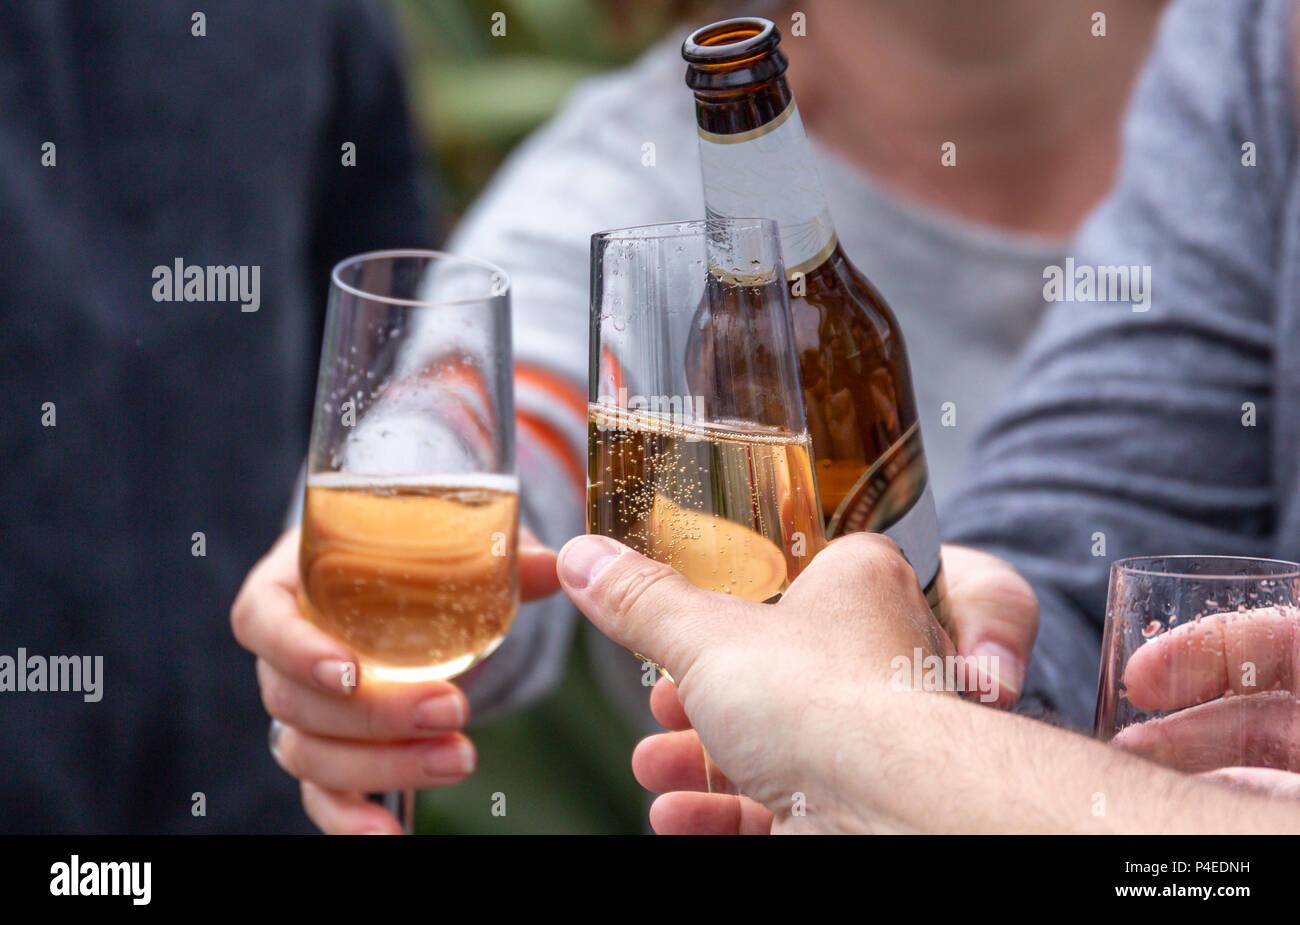 Freunde Toasten mit Getränken (Bier und Prosecco) bei der äußeren sozialen sammeln Stockfoto